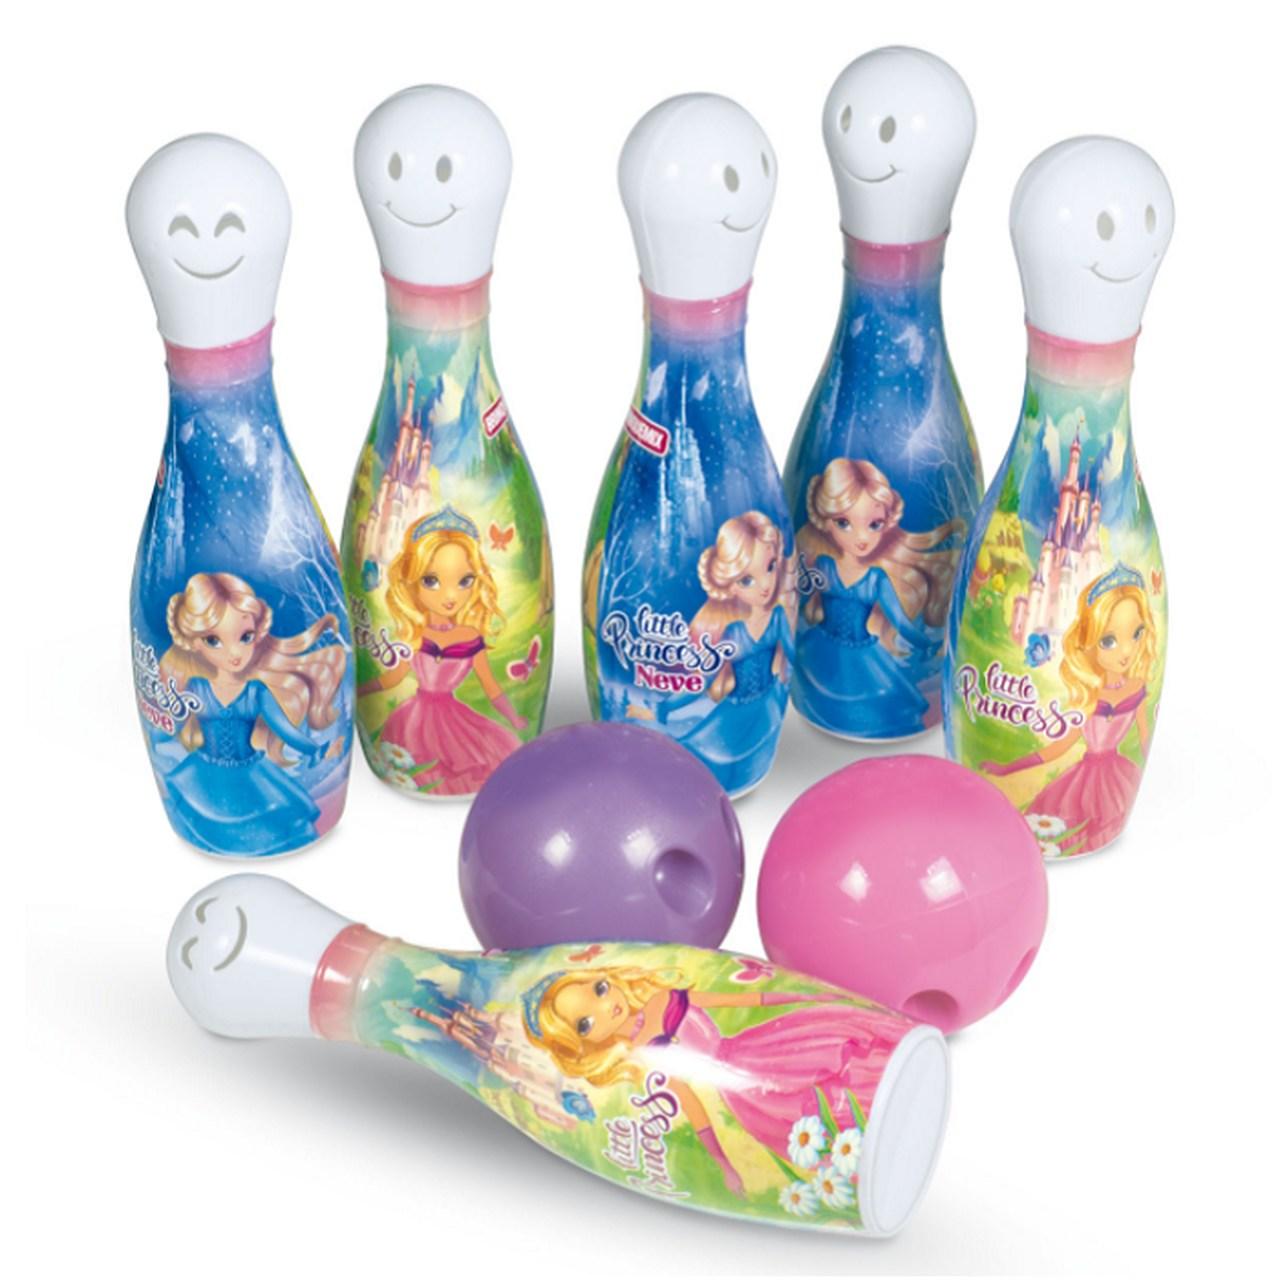 Boliche Princesas com 6 pinos e 2 bolas